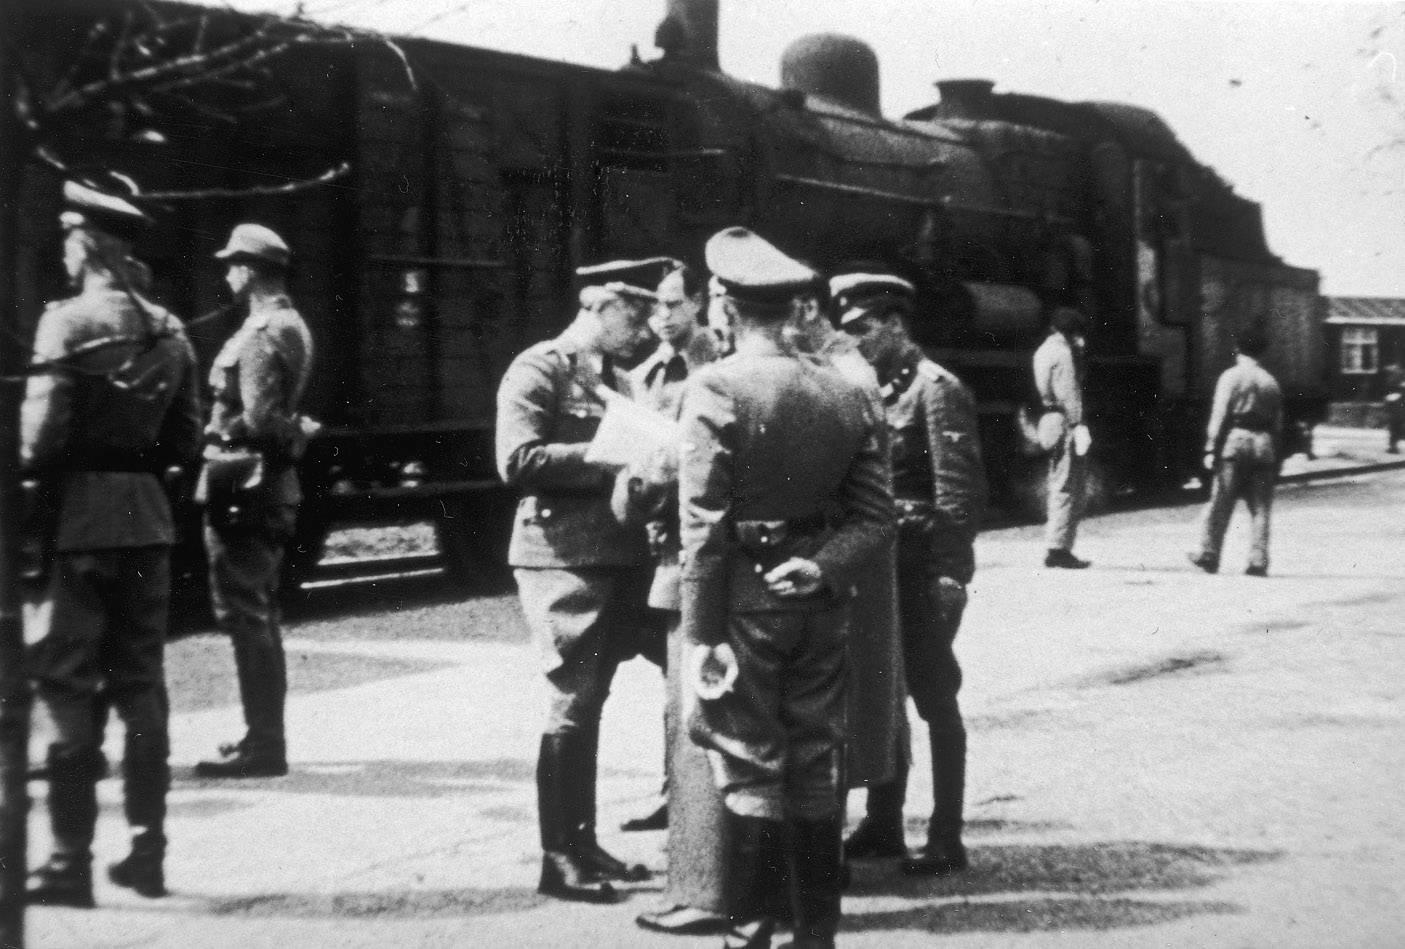 Gemmeker met bewakers in kamp Westerbork bij de gereedstaande trein, 1944.